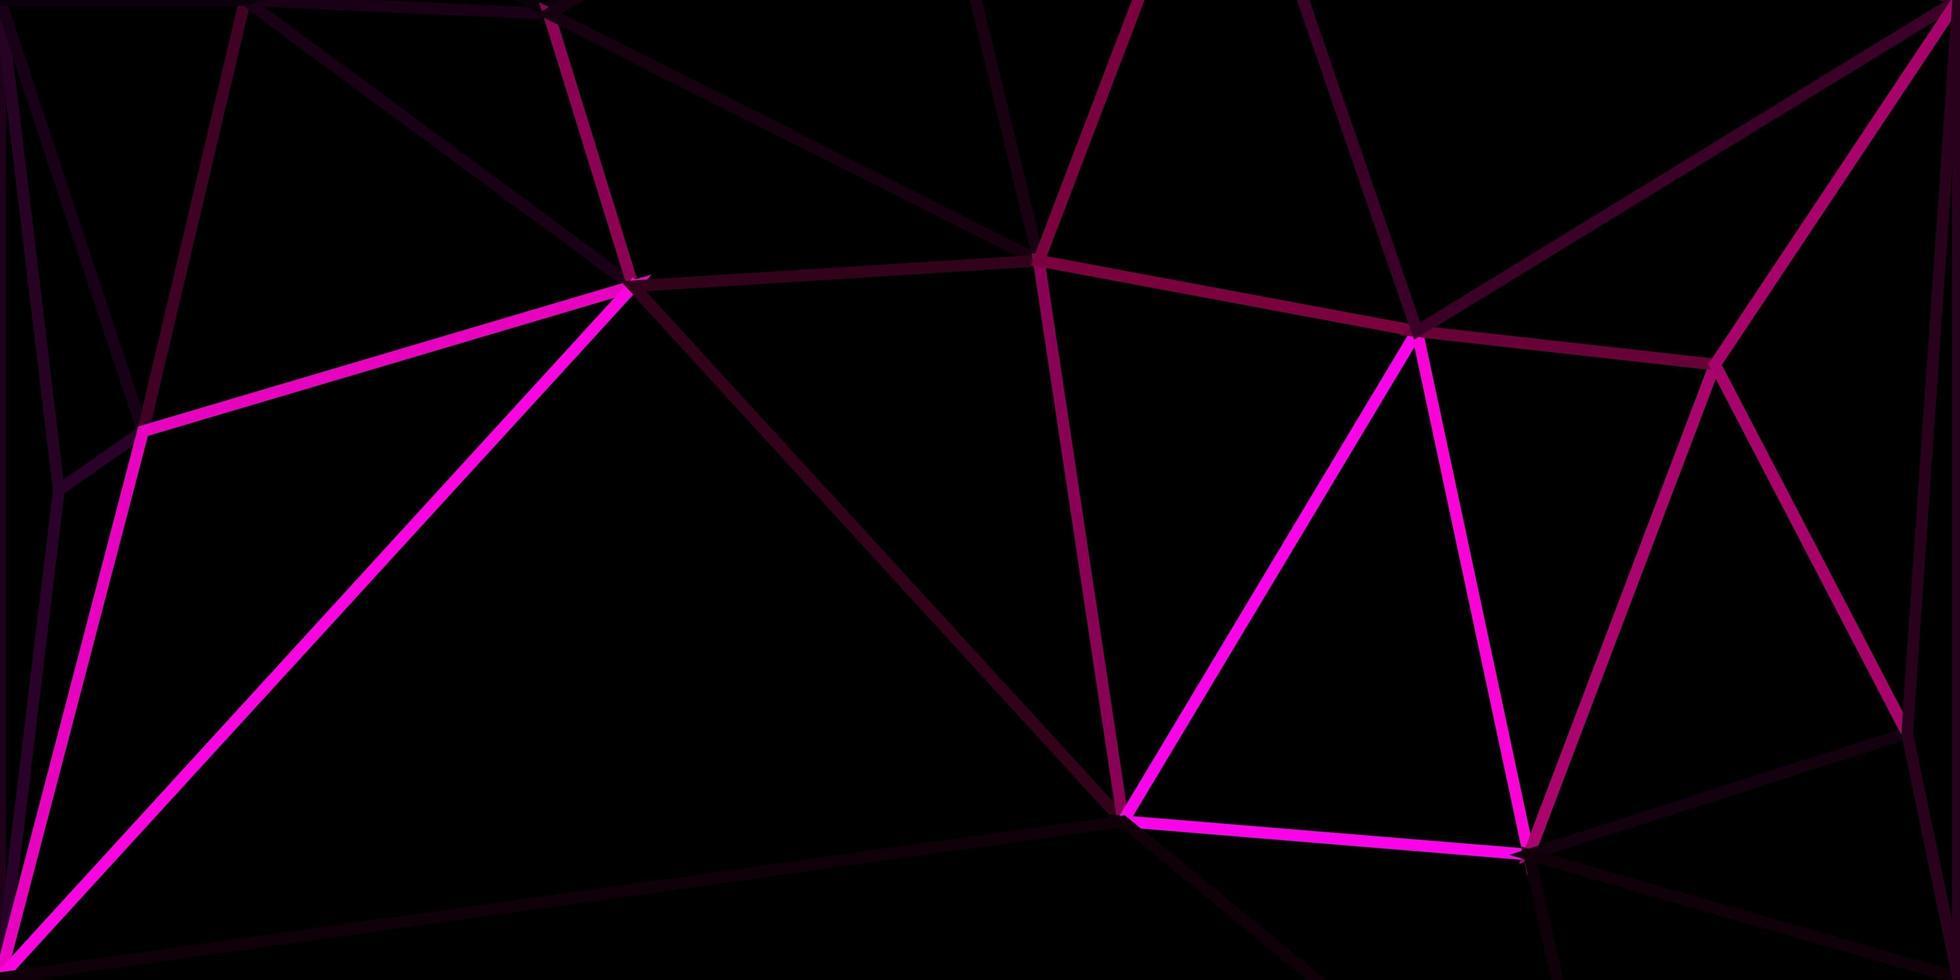 mörkrosa poly triangel konsistens vektor